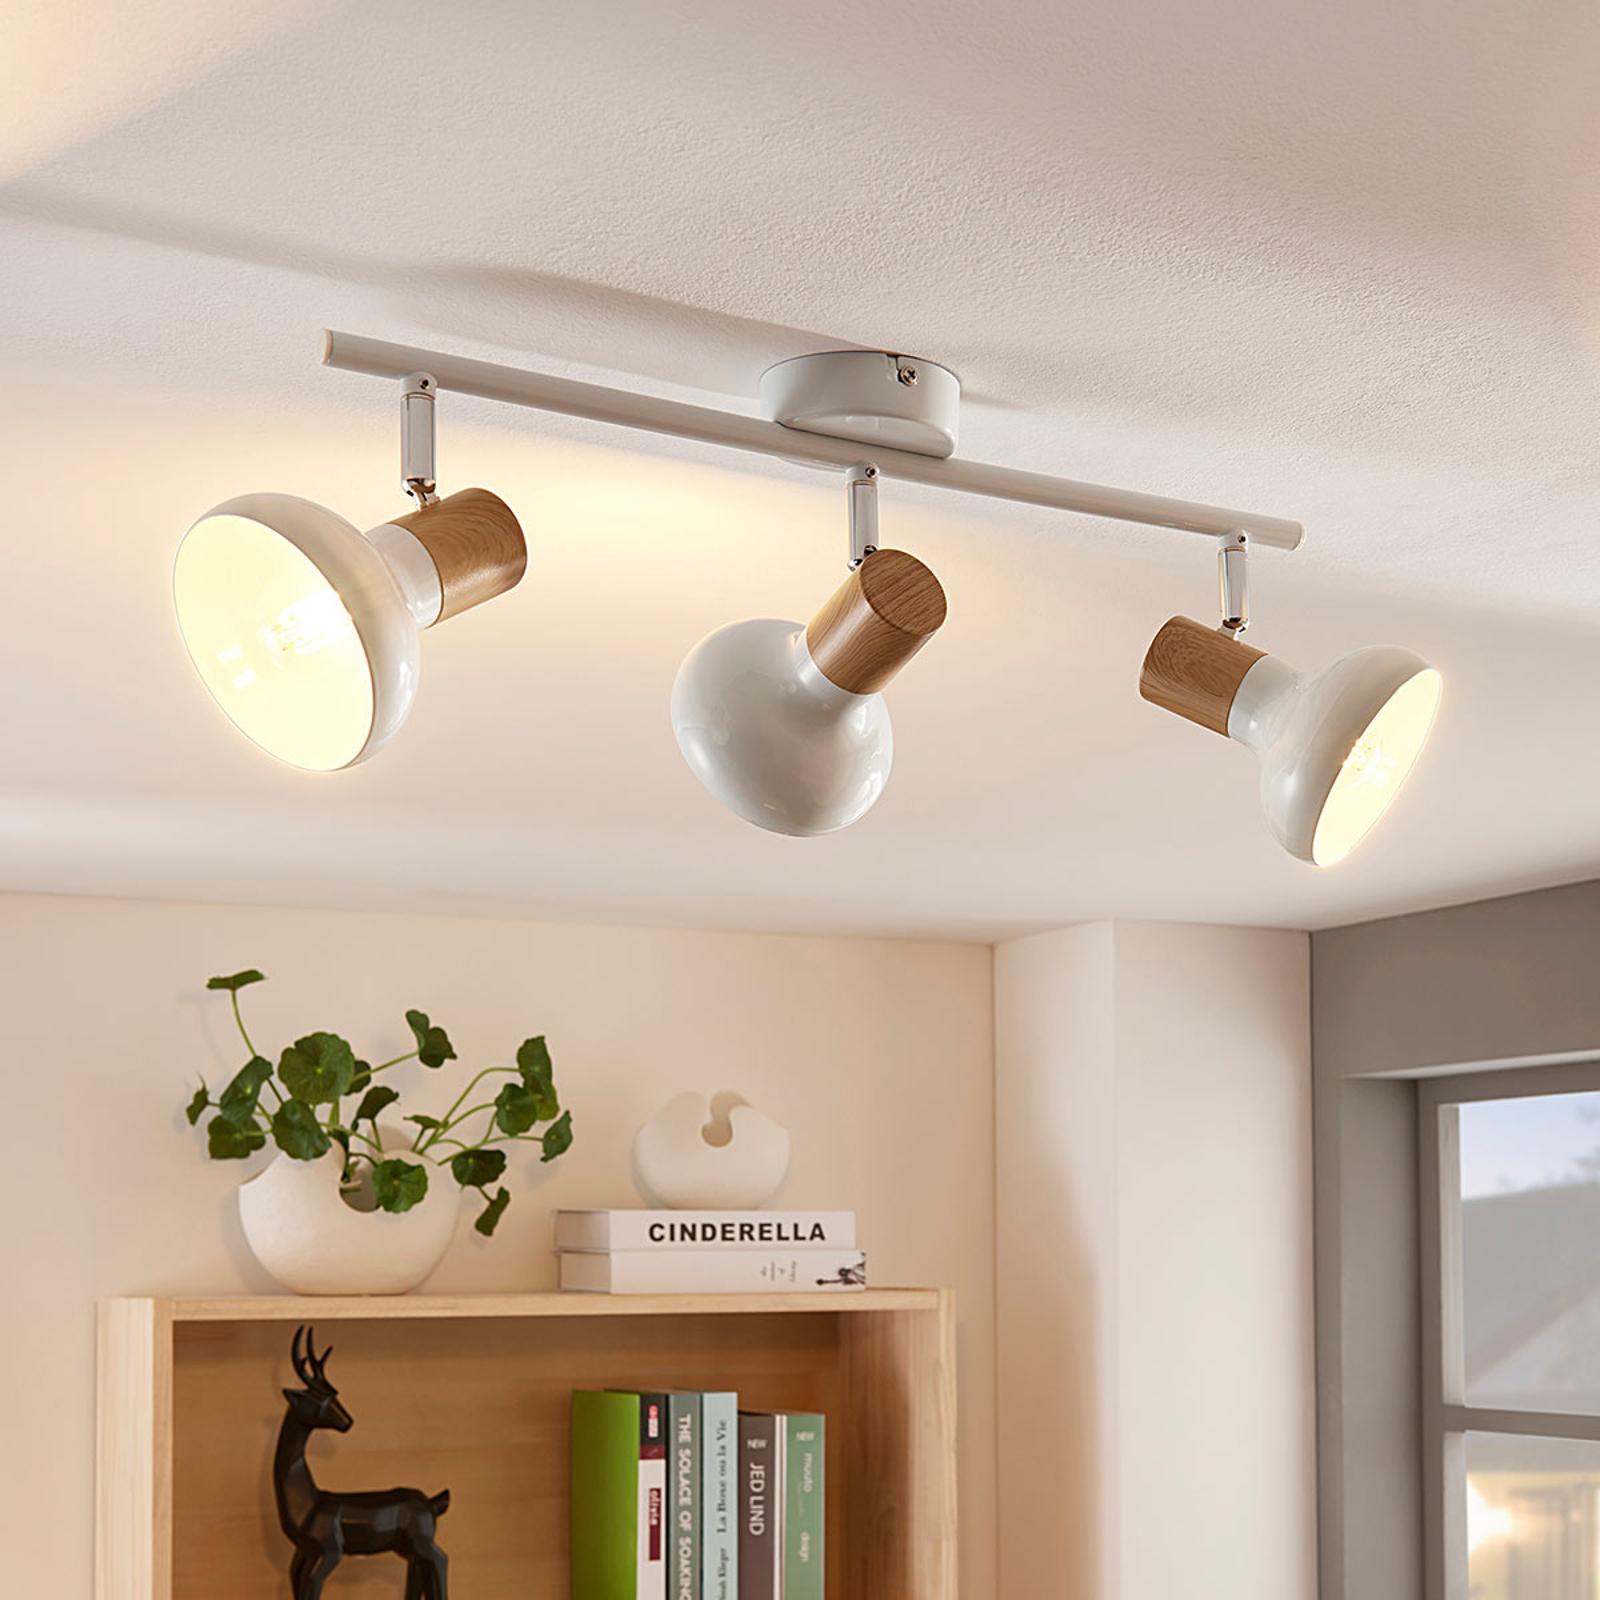 Fridolin - taklampe i metall med 3 lyskilder